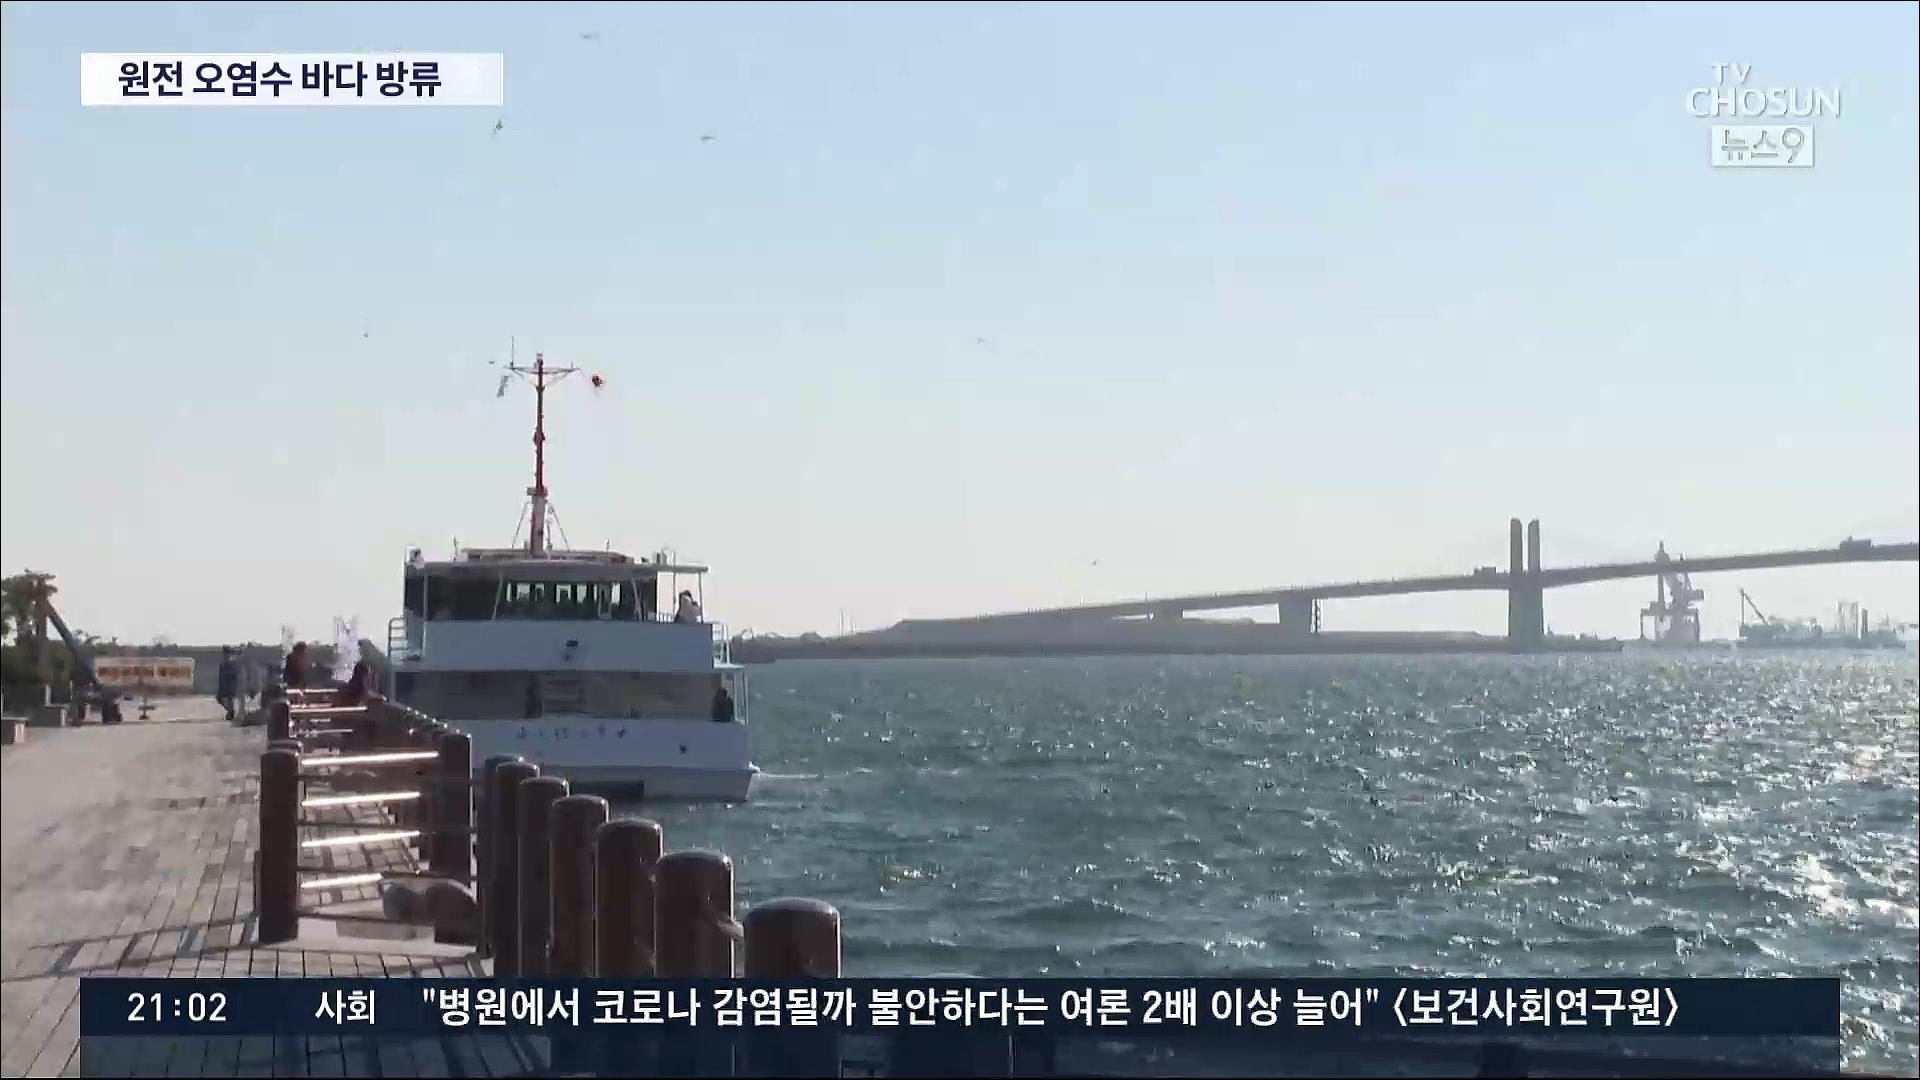 日, 후쿠시마 오염수 바다에 버린다…국내외 반발 확산